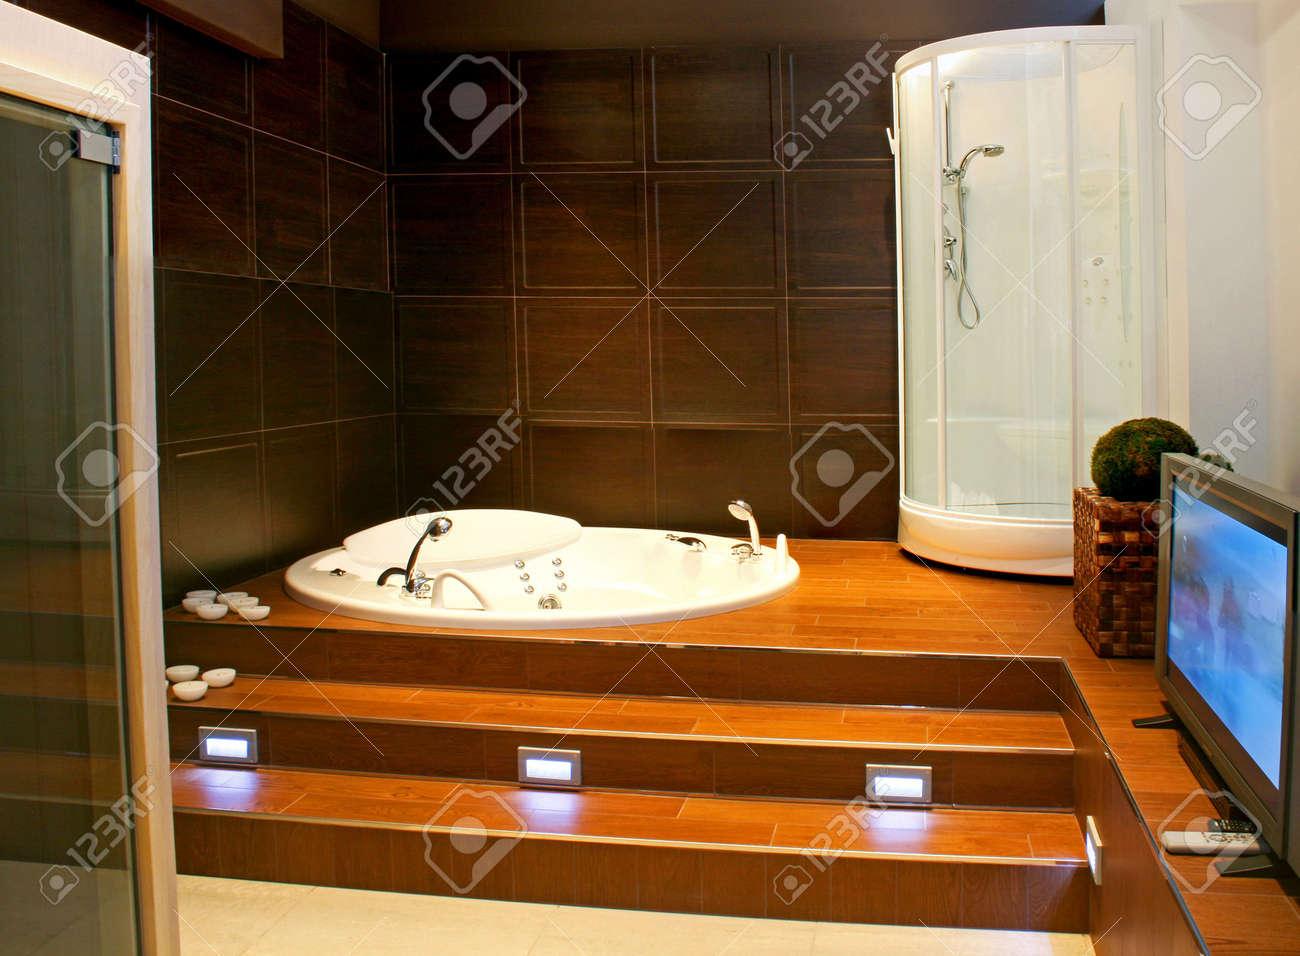 fett aus holz badezimmer mit großen lcd-fernseher lizenzfreie